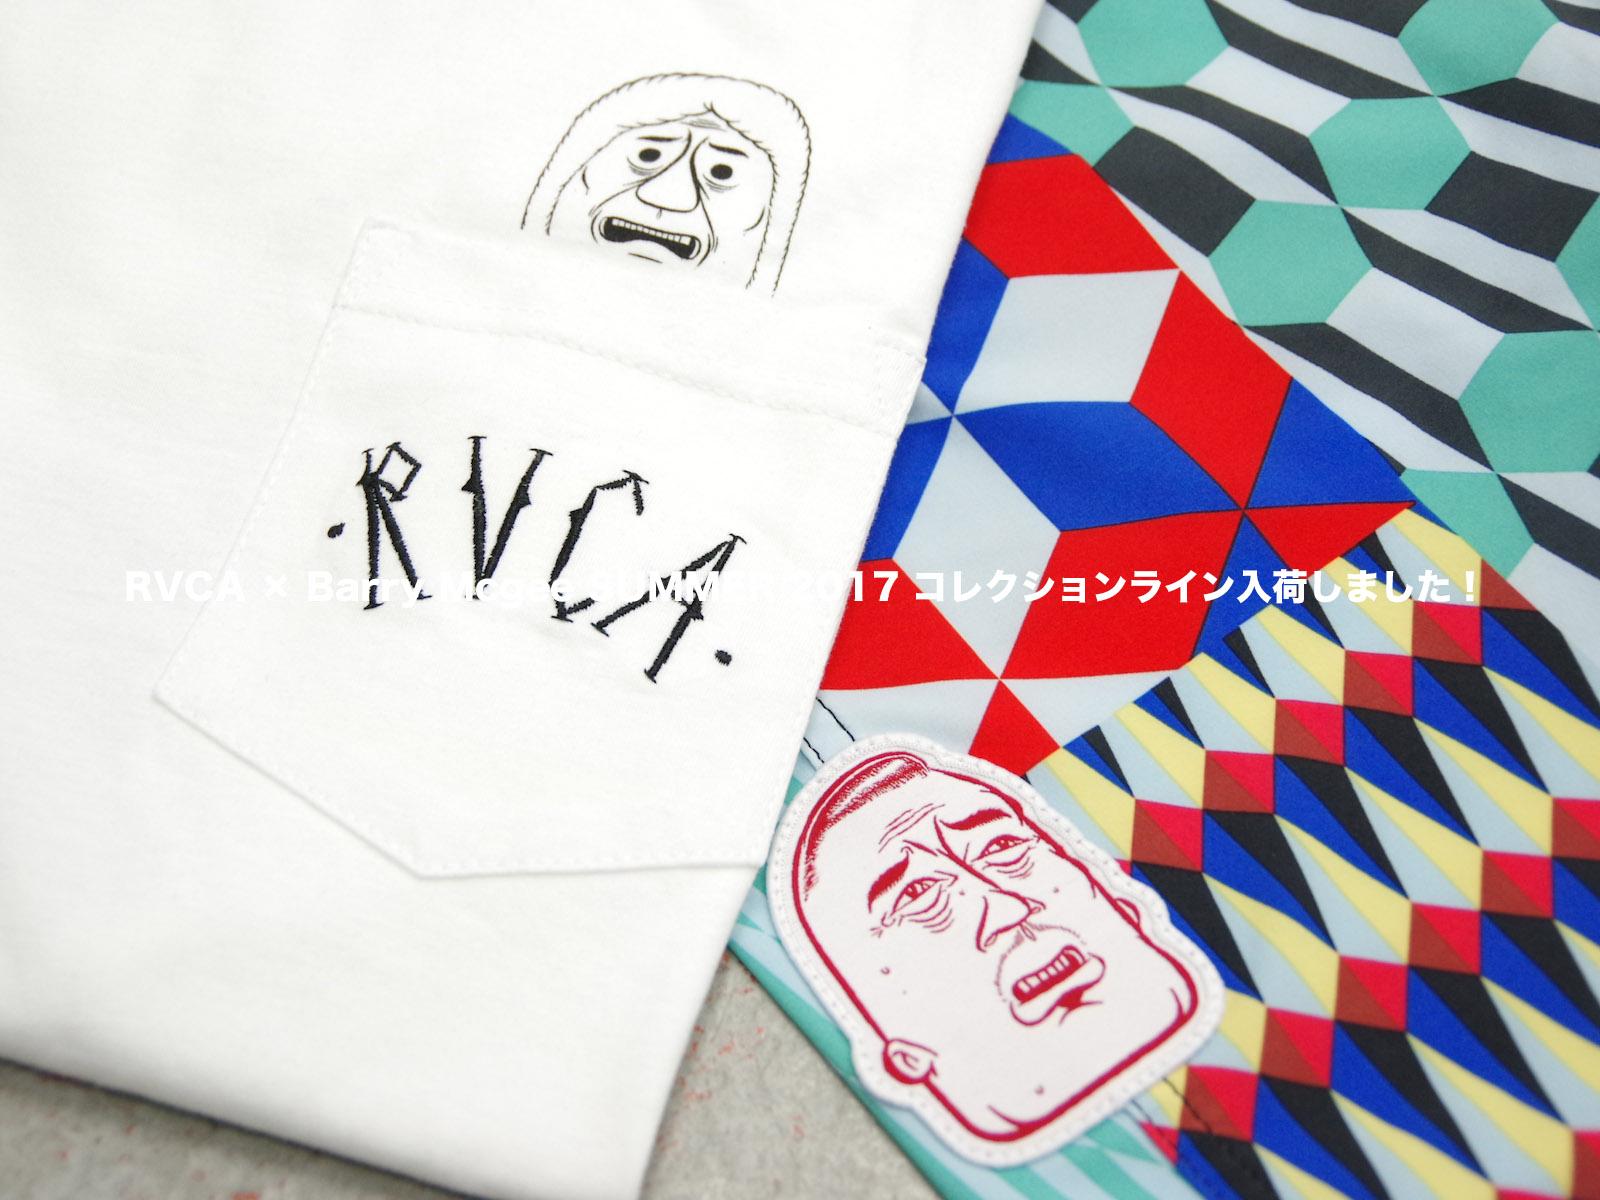 RVCA × Barry Mcgee SUMMER 2017 コレクションライン入荷しました!